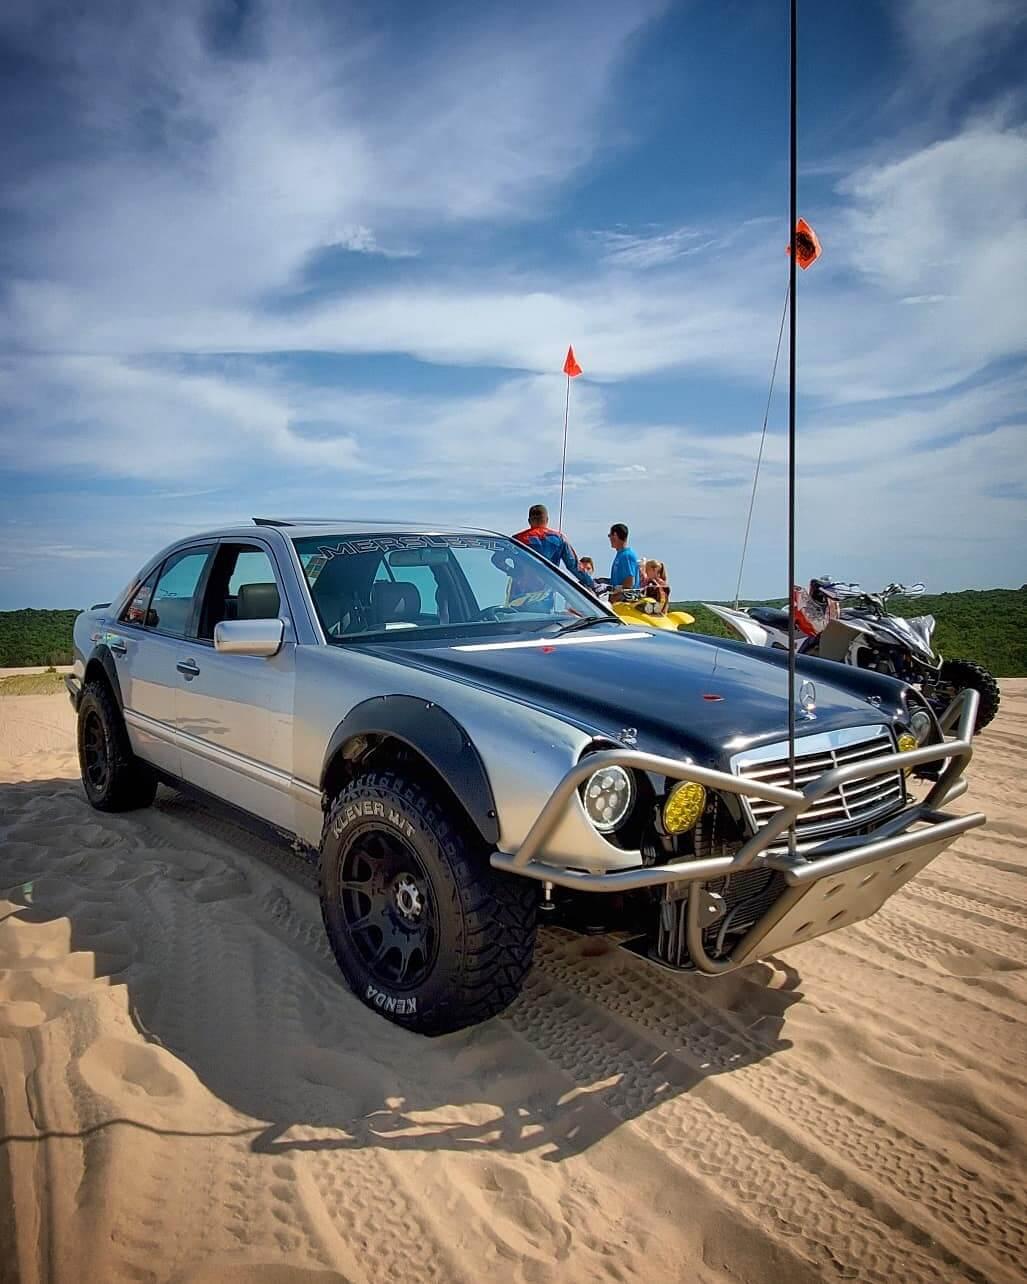 Mercedes Off-road modifications